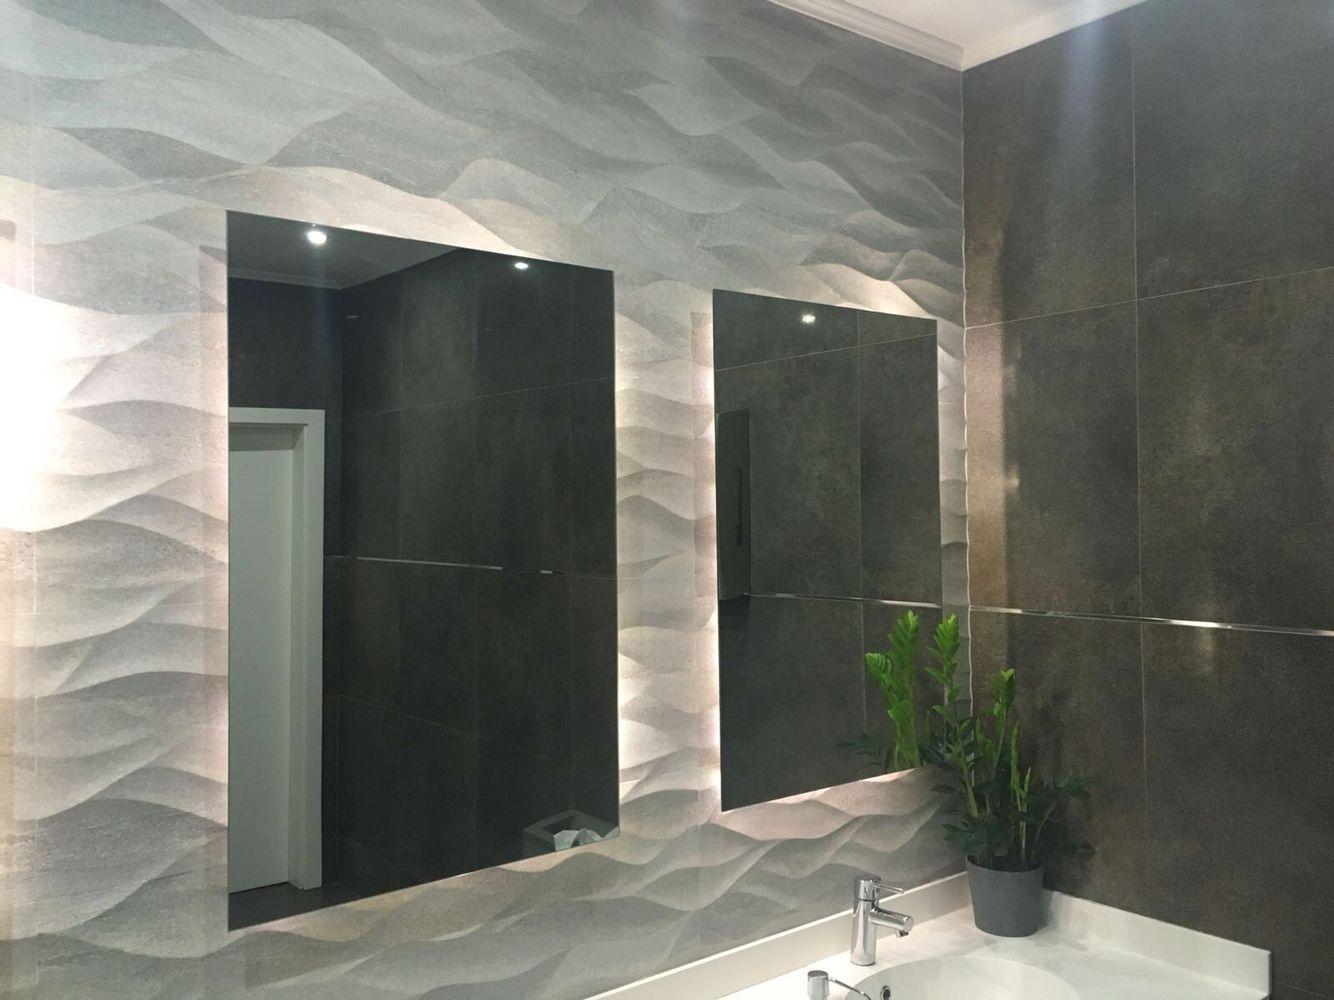 Wandtegels badkamer 3D | Badkamer tegels | Pinterest